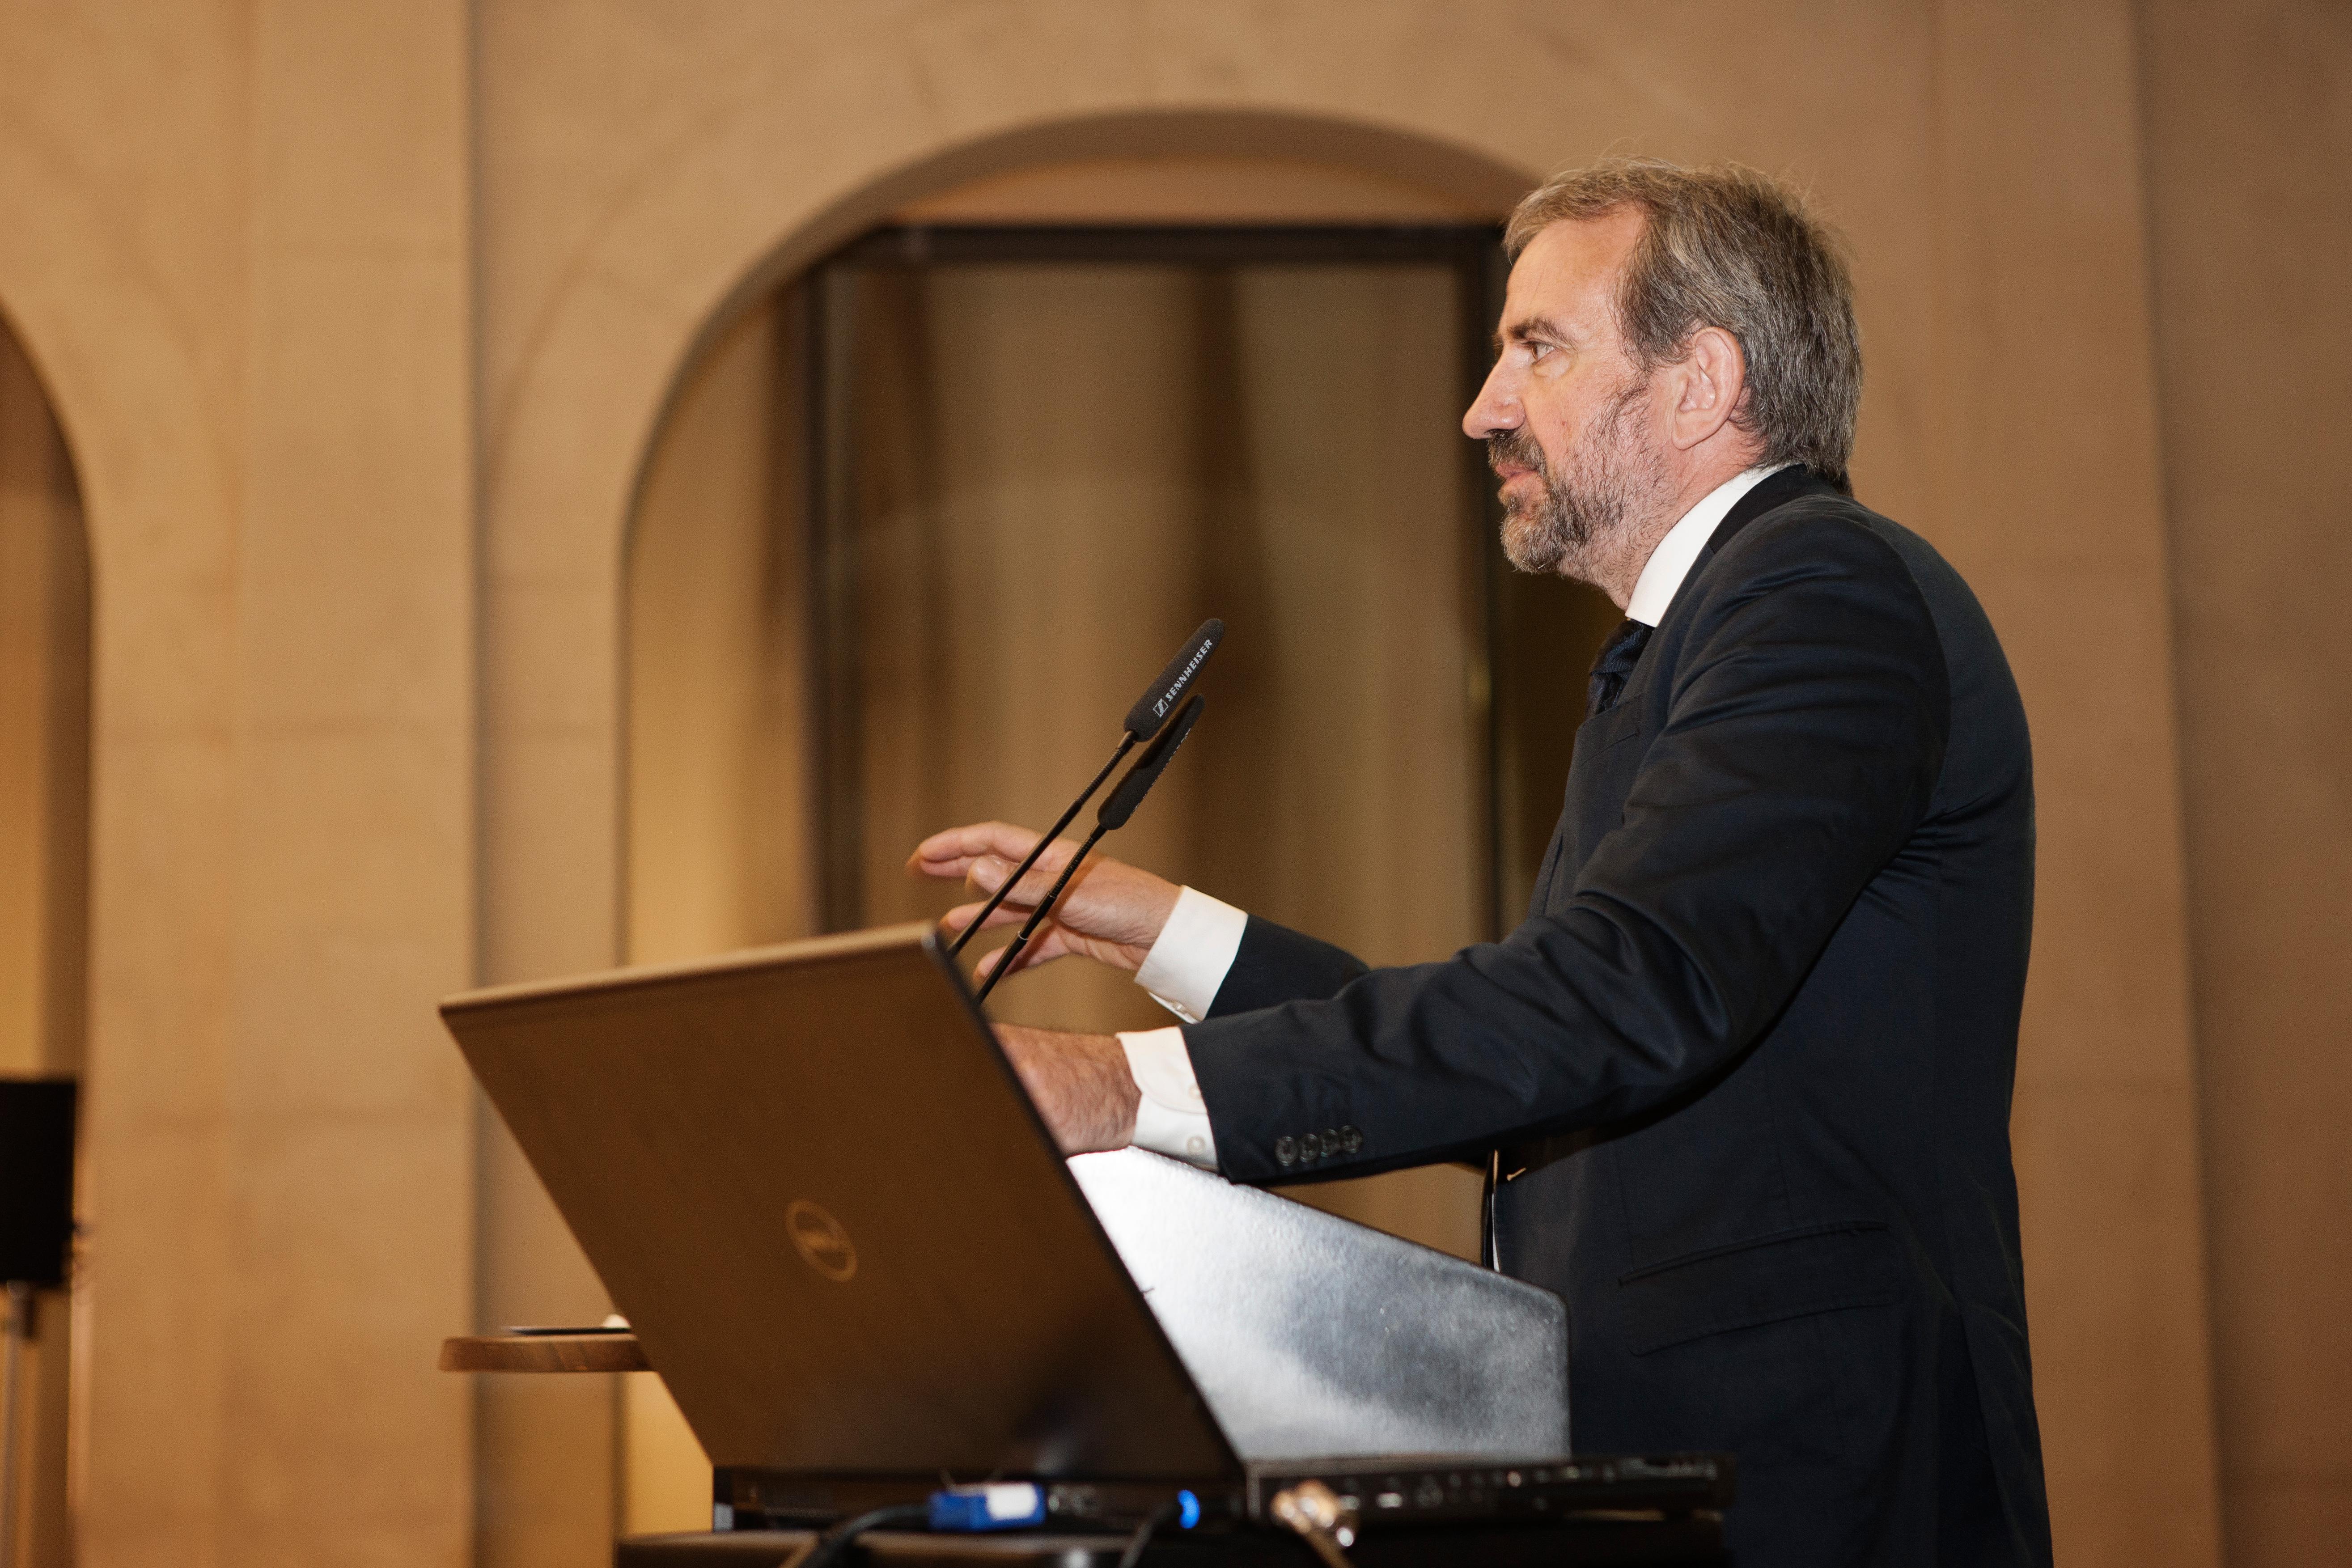 Hermann Parzinger, Präsident der Stiftung Preußischer Kulturbesitz